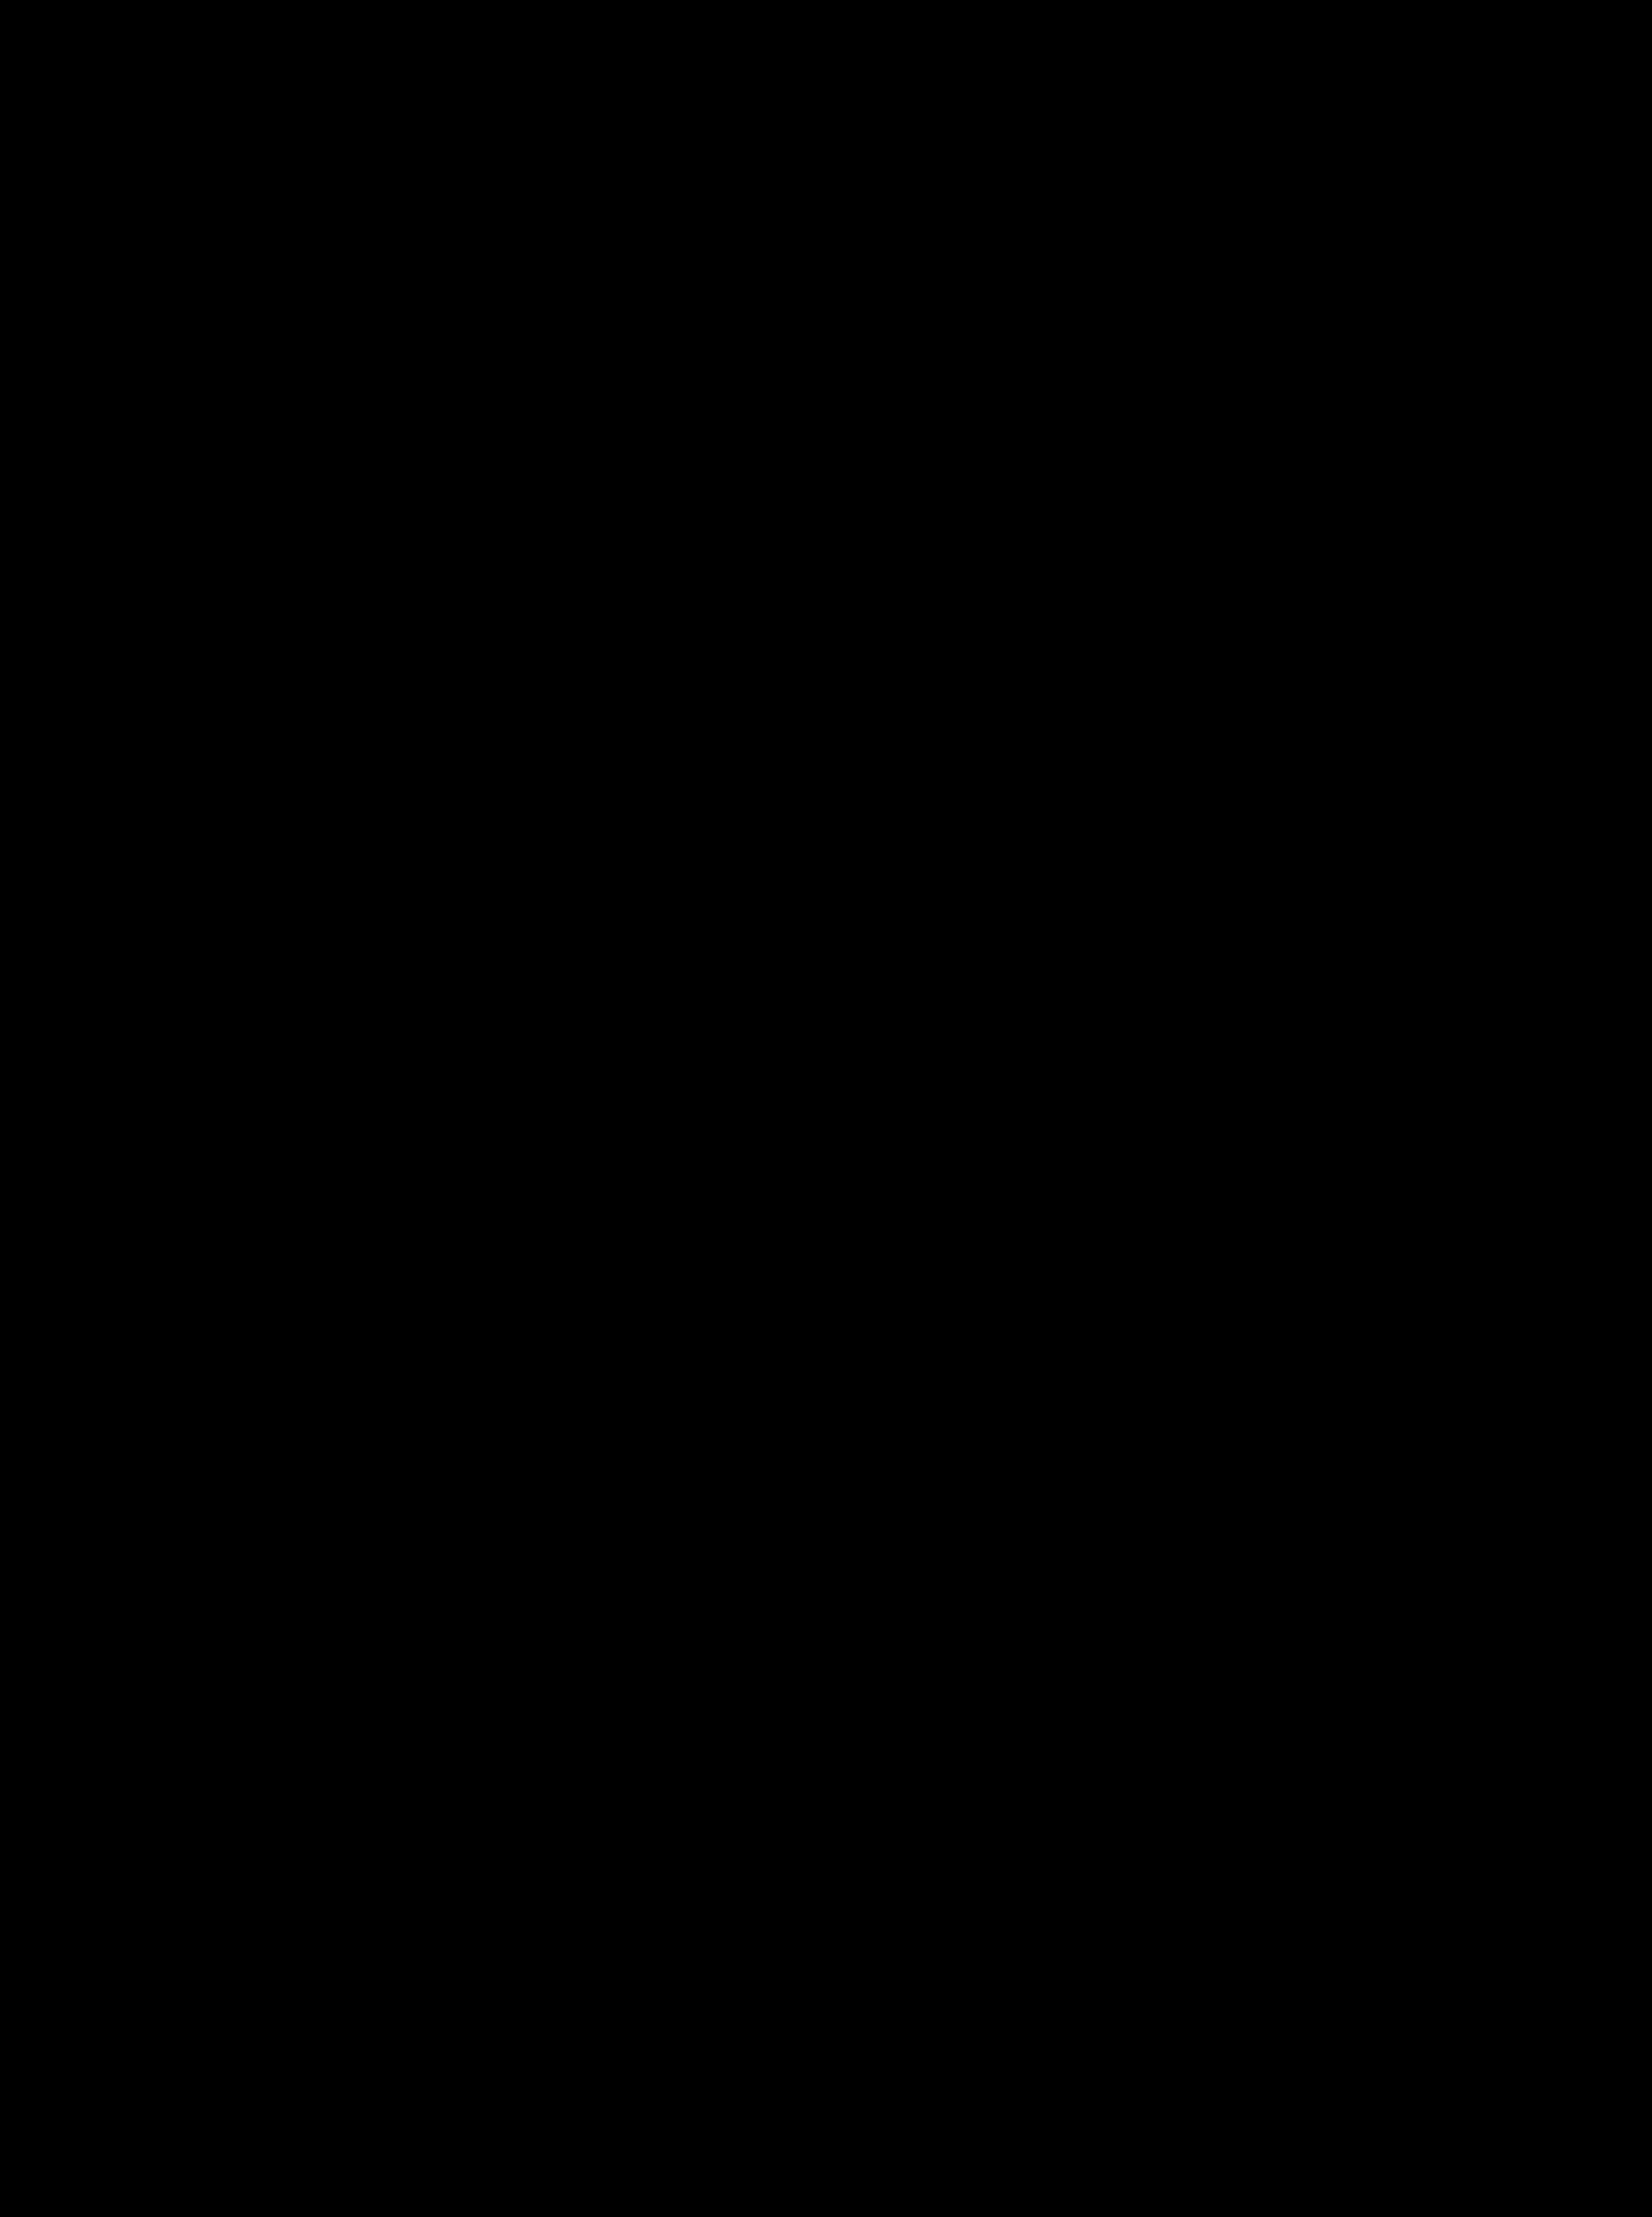 Couverture du portrait de ville de Toronto